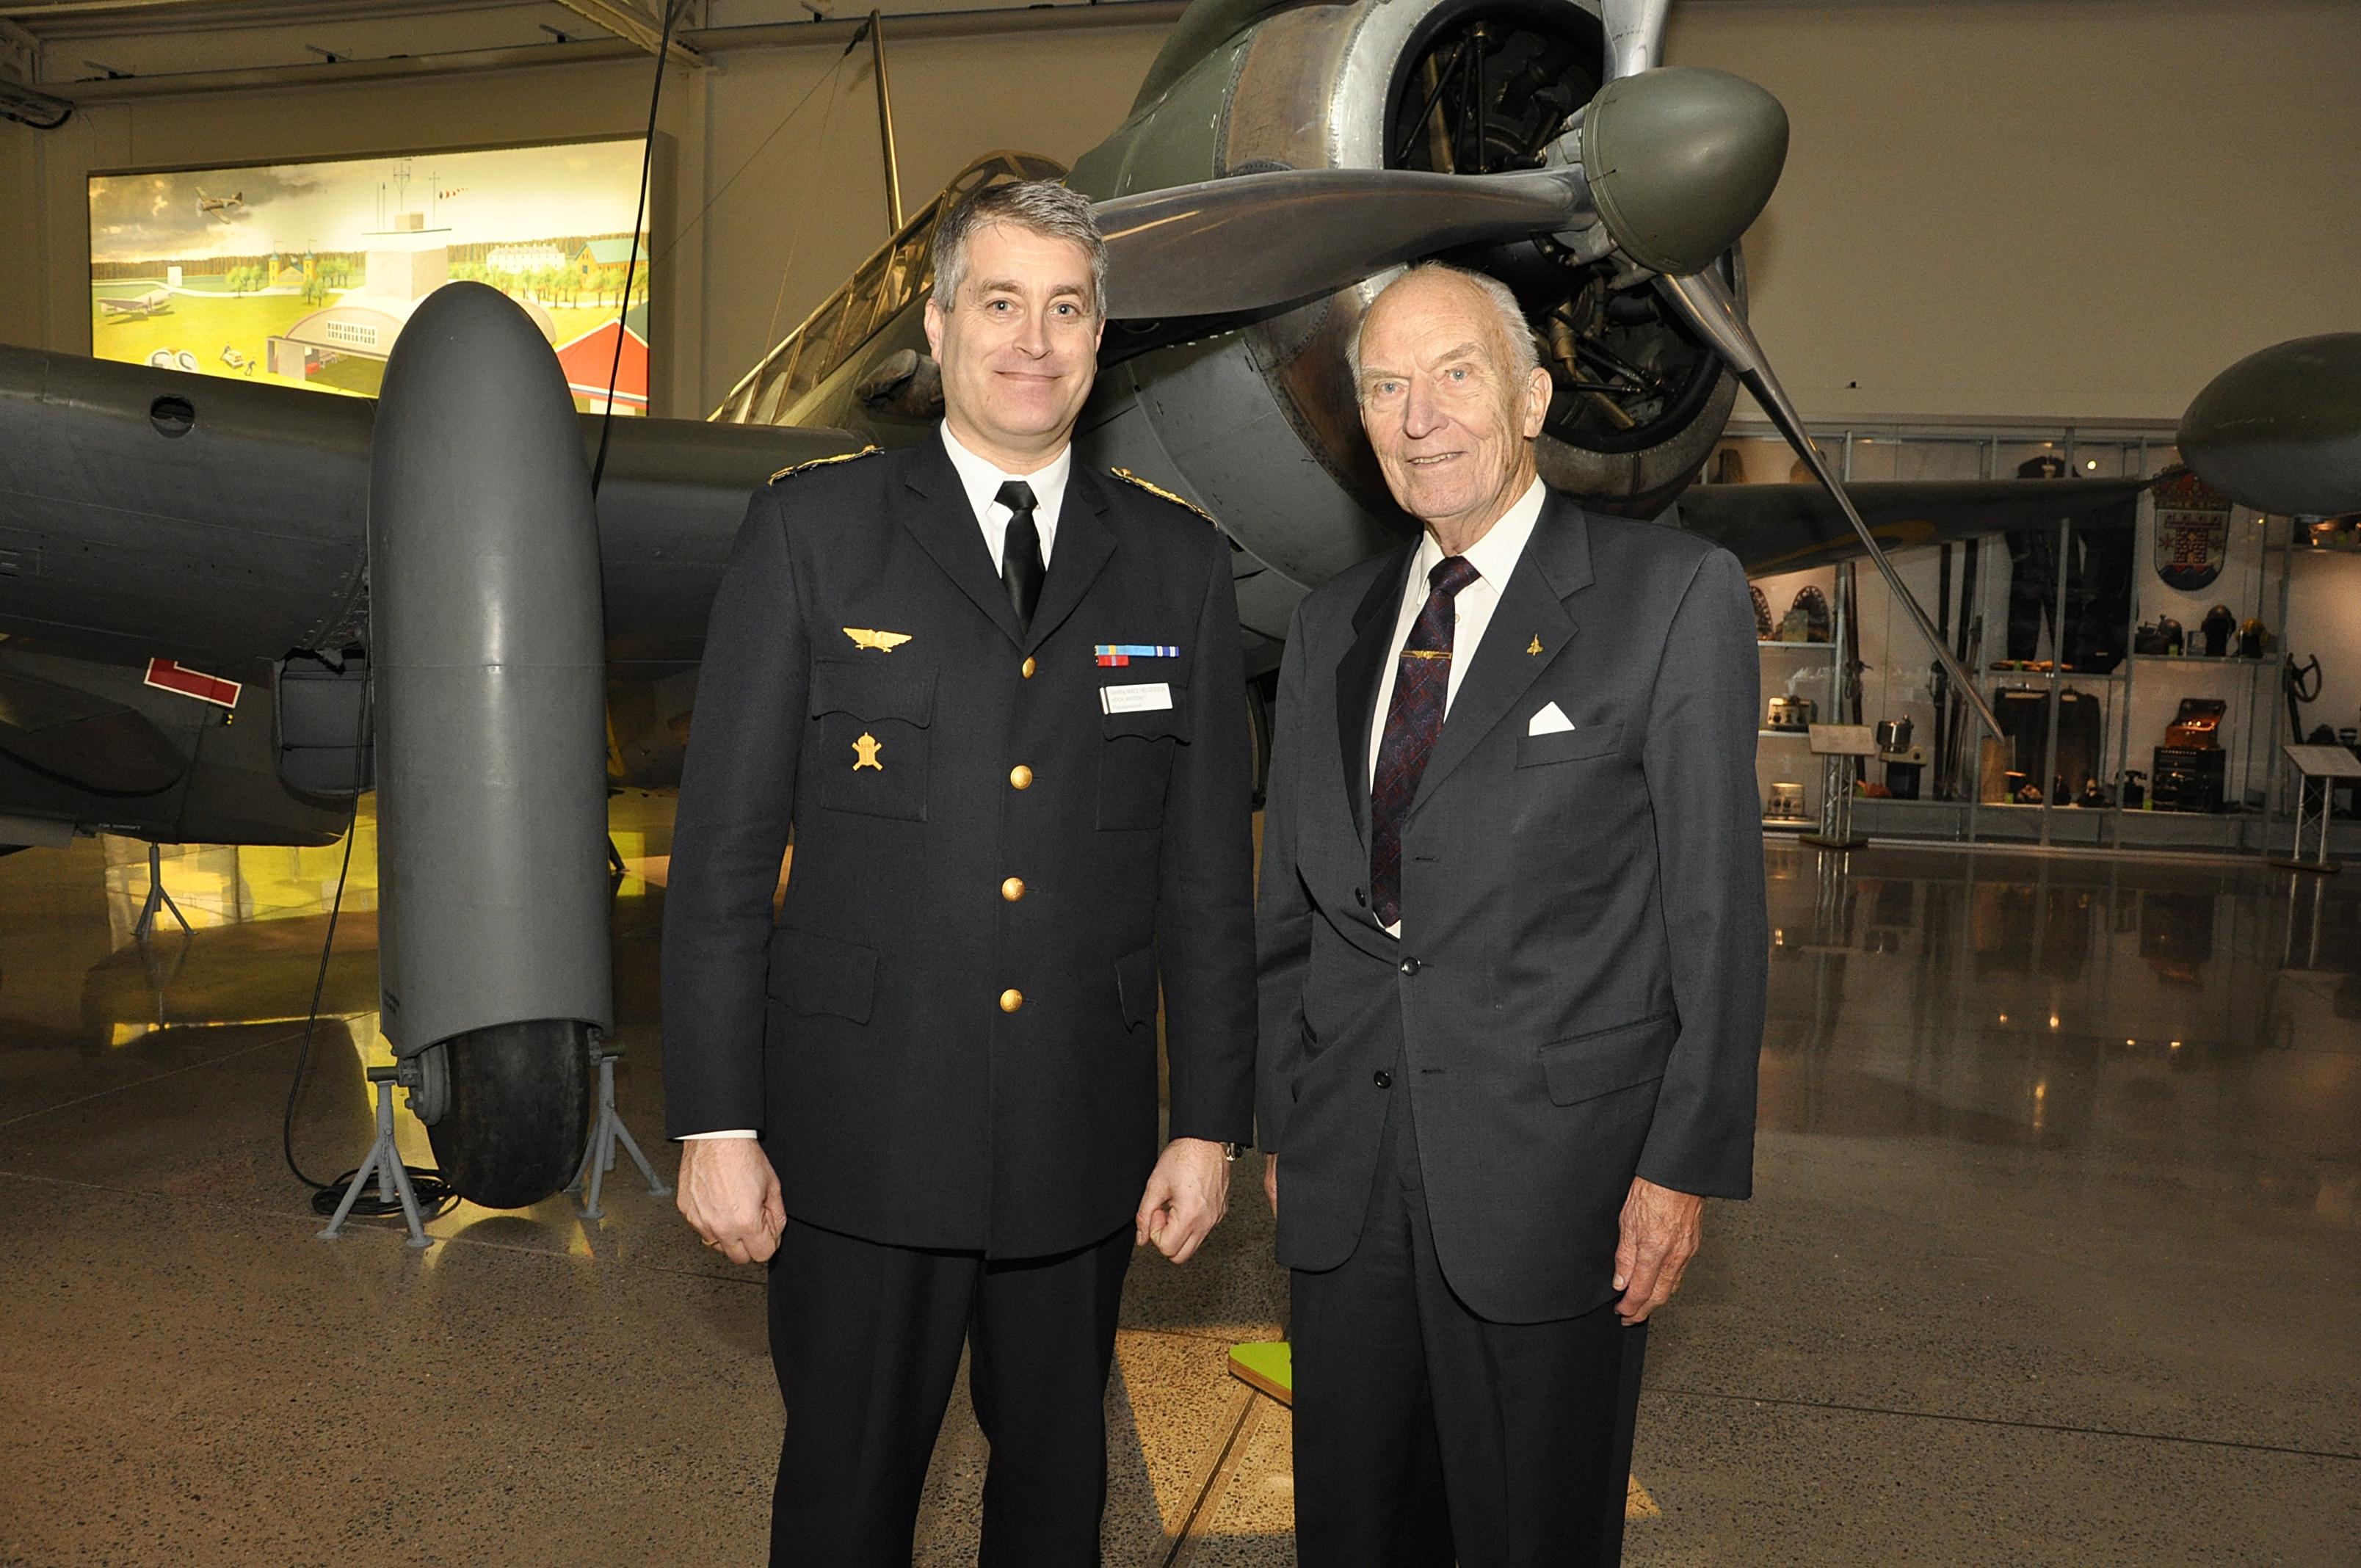 Två flygvapenchefer. Generalmajor Mats Helgesson och generallöjtnant Sven-Olof Olson.